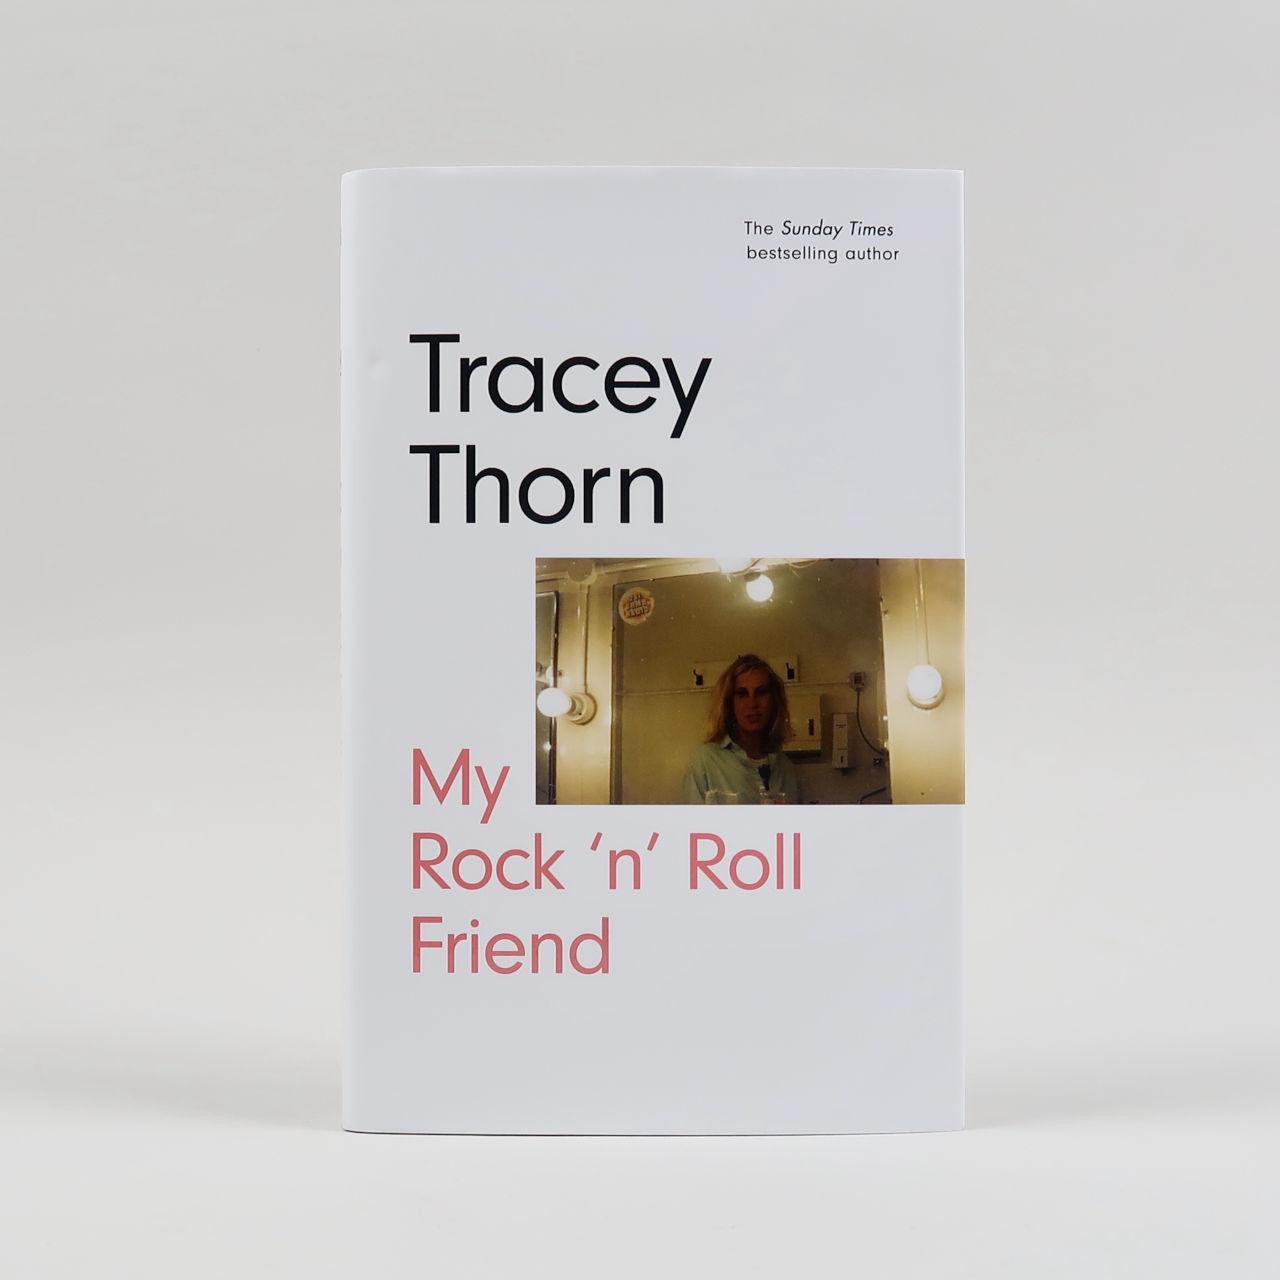 My Rock 'n Roll Friend Tracey Thorn